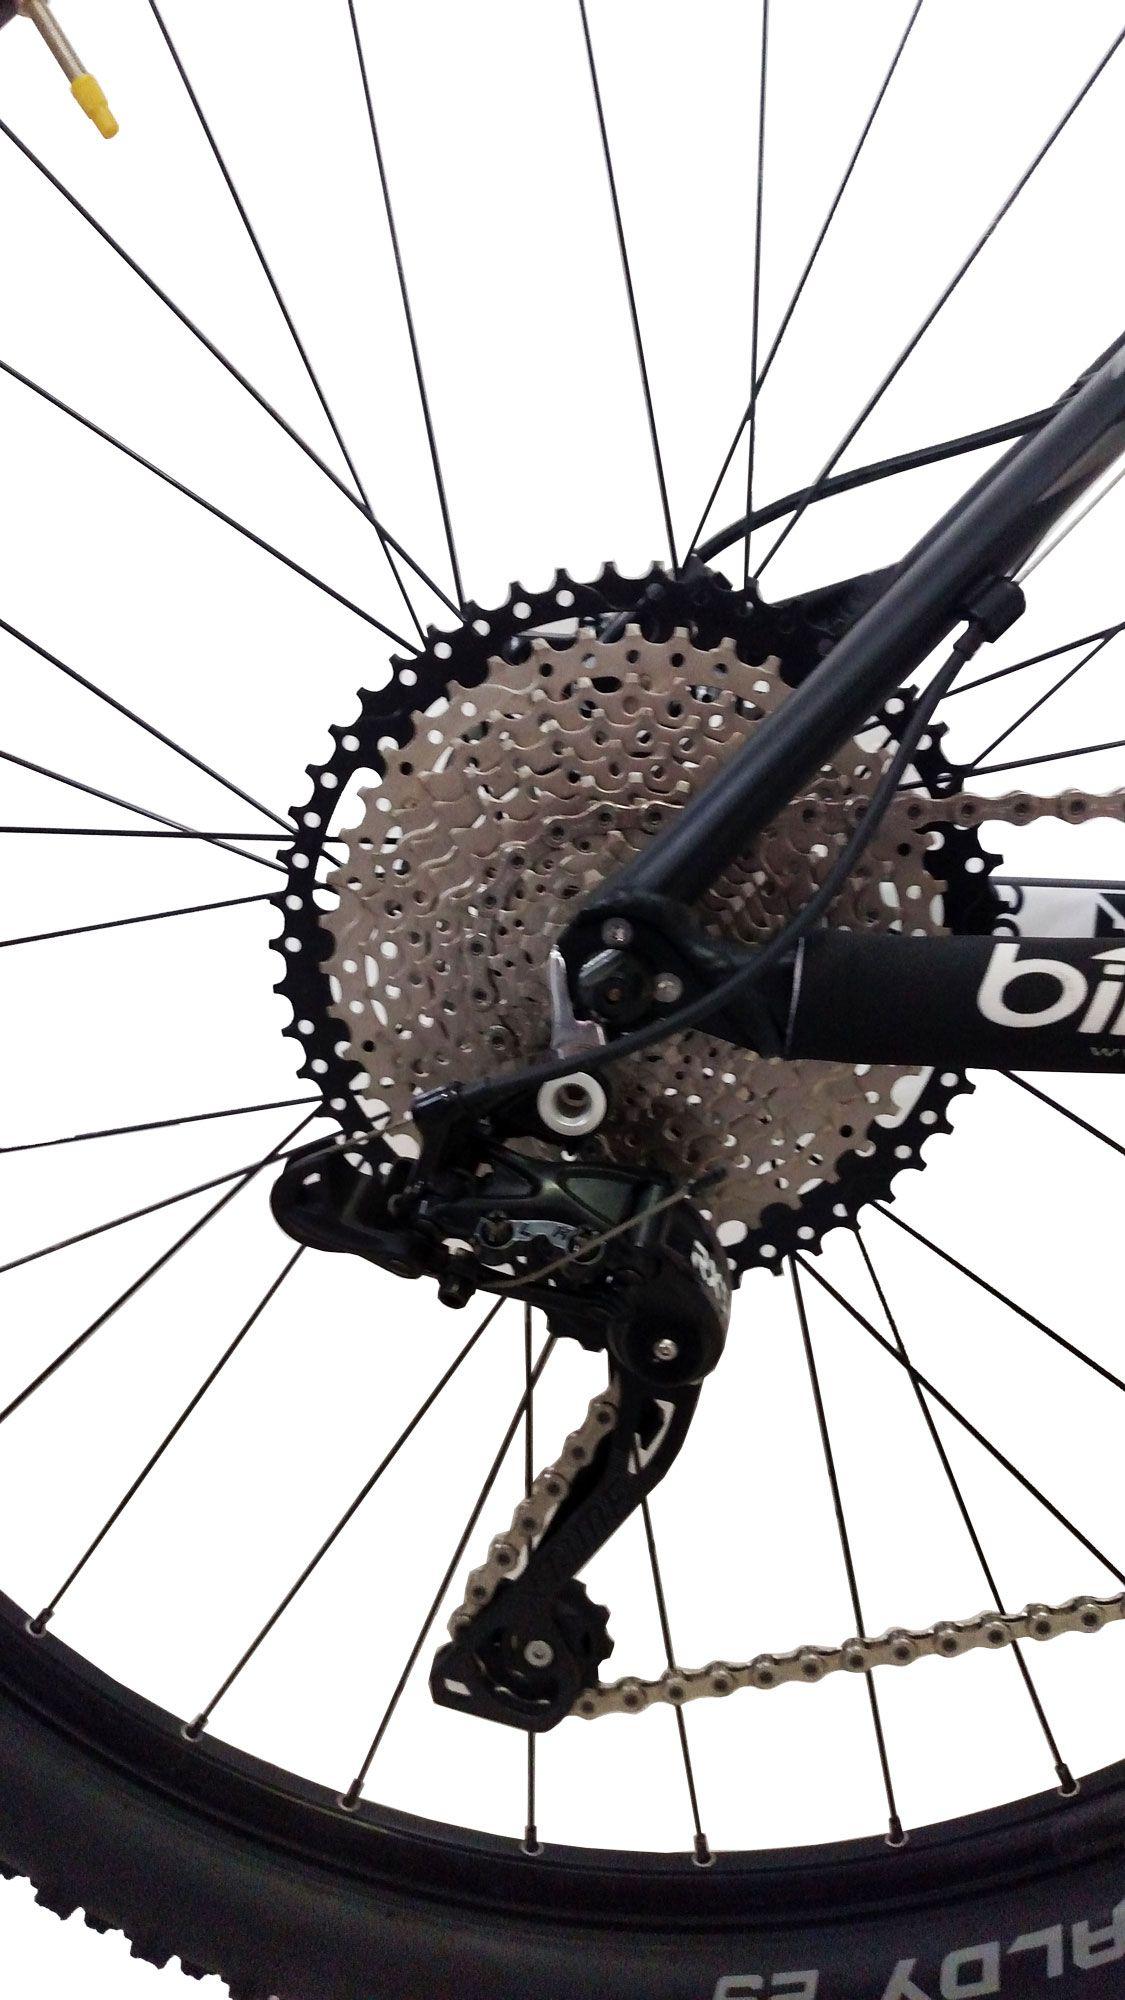 Bicicleta TSW Awe aro 29 - 12v X-Time - RockShox XC32 a AR - Freio Hidráulico